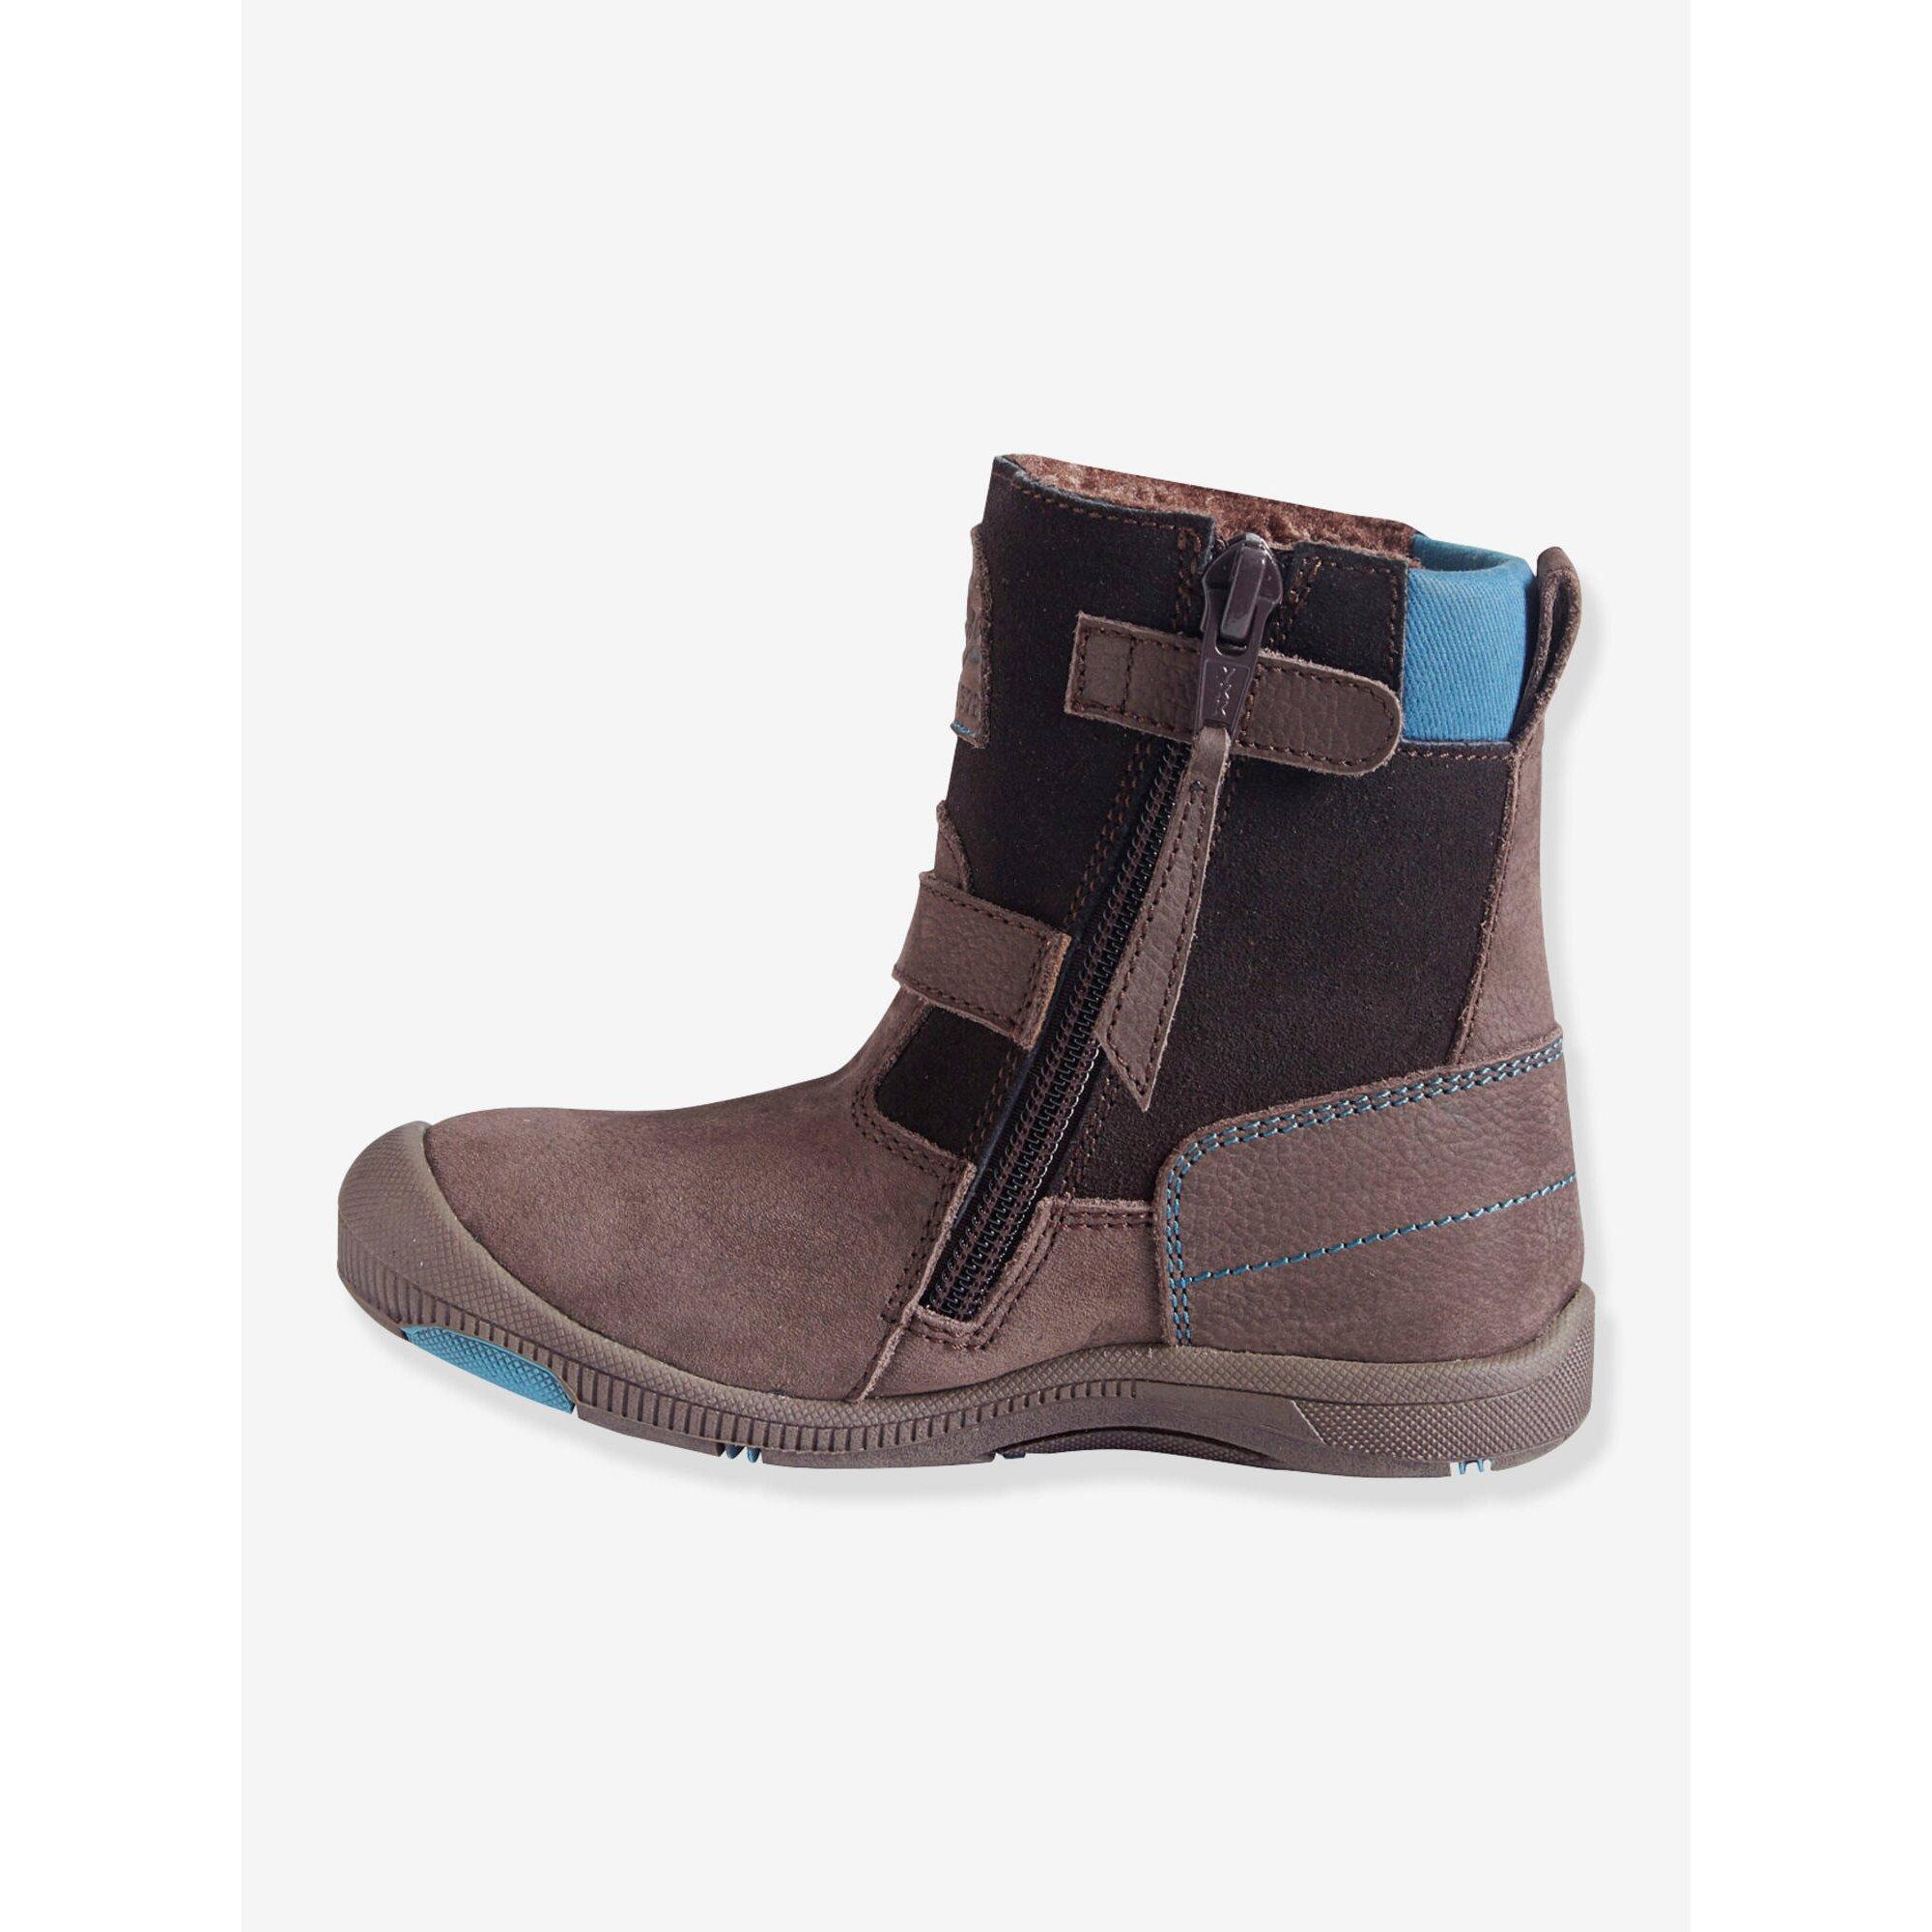 vertbaudet-warmfutter-boots-fur-madchen-mit-anziehtrick